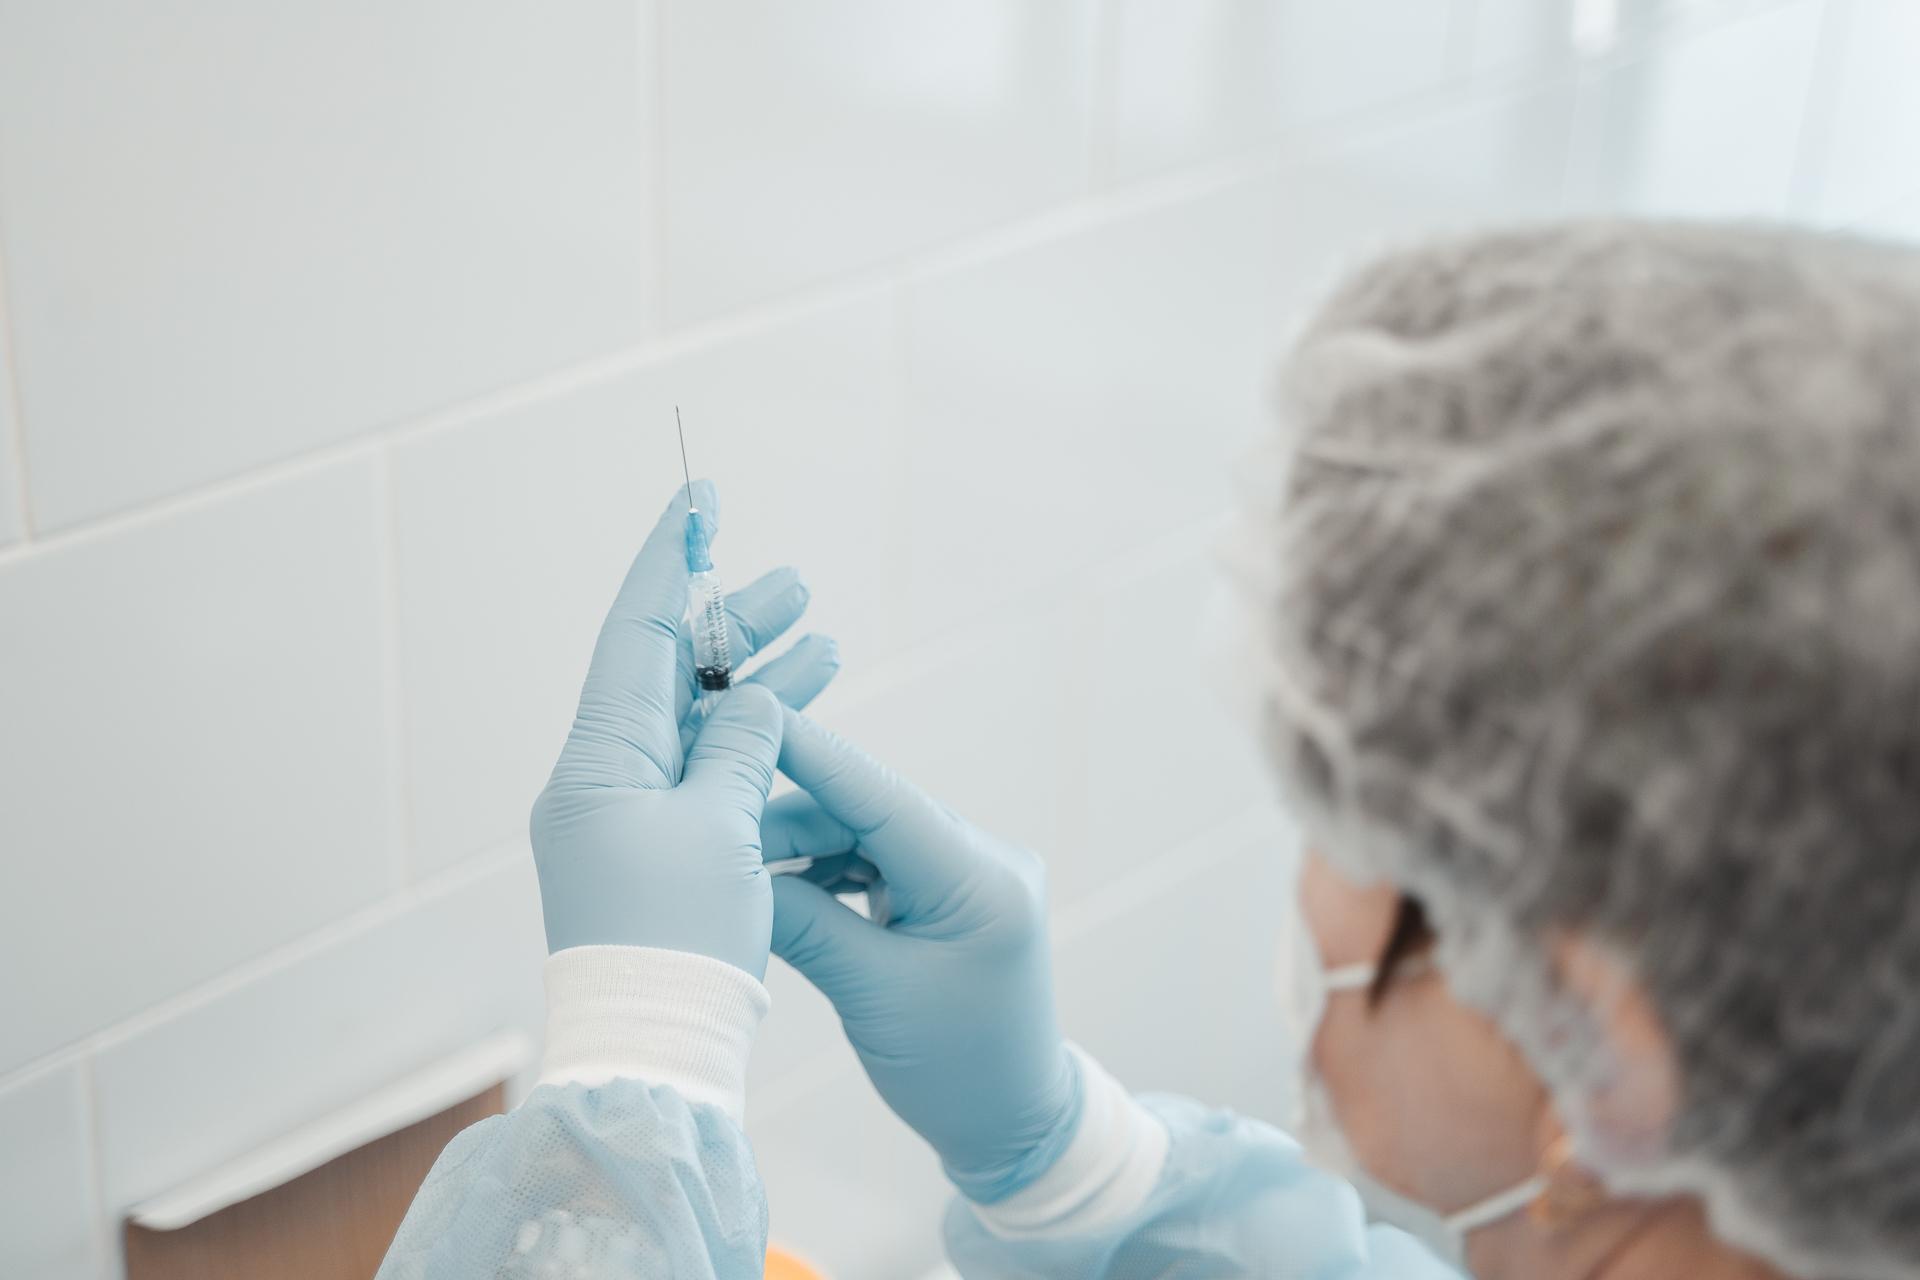 Почти 47 тысяч жителей Тверской области привились от коронавируса